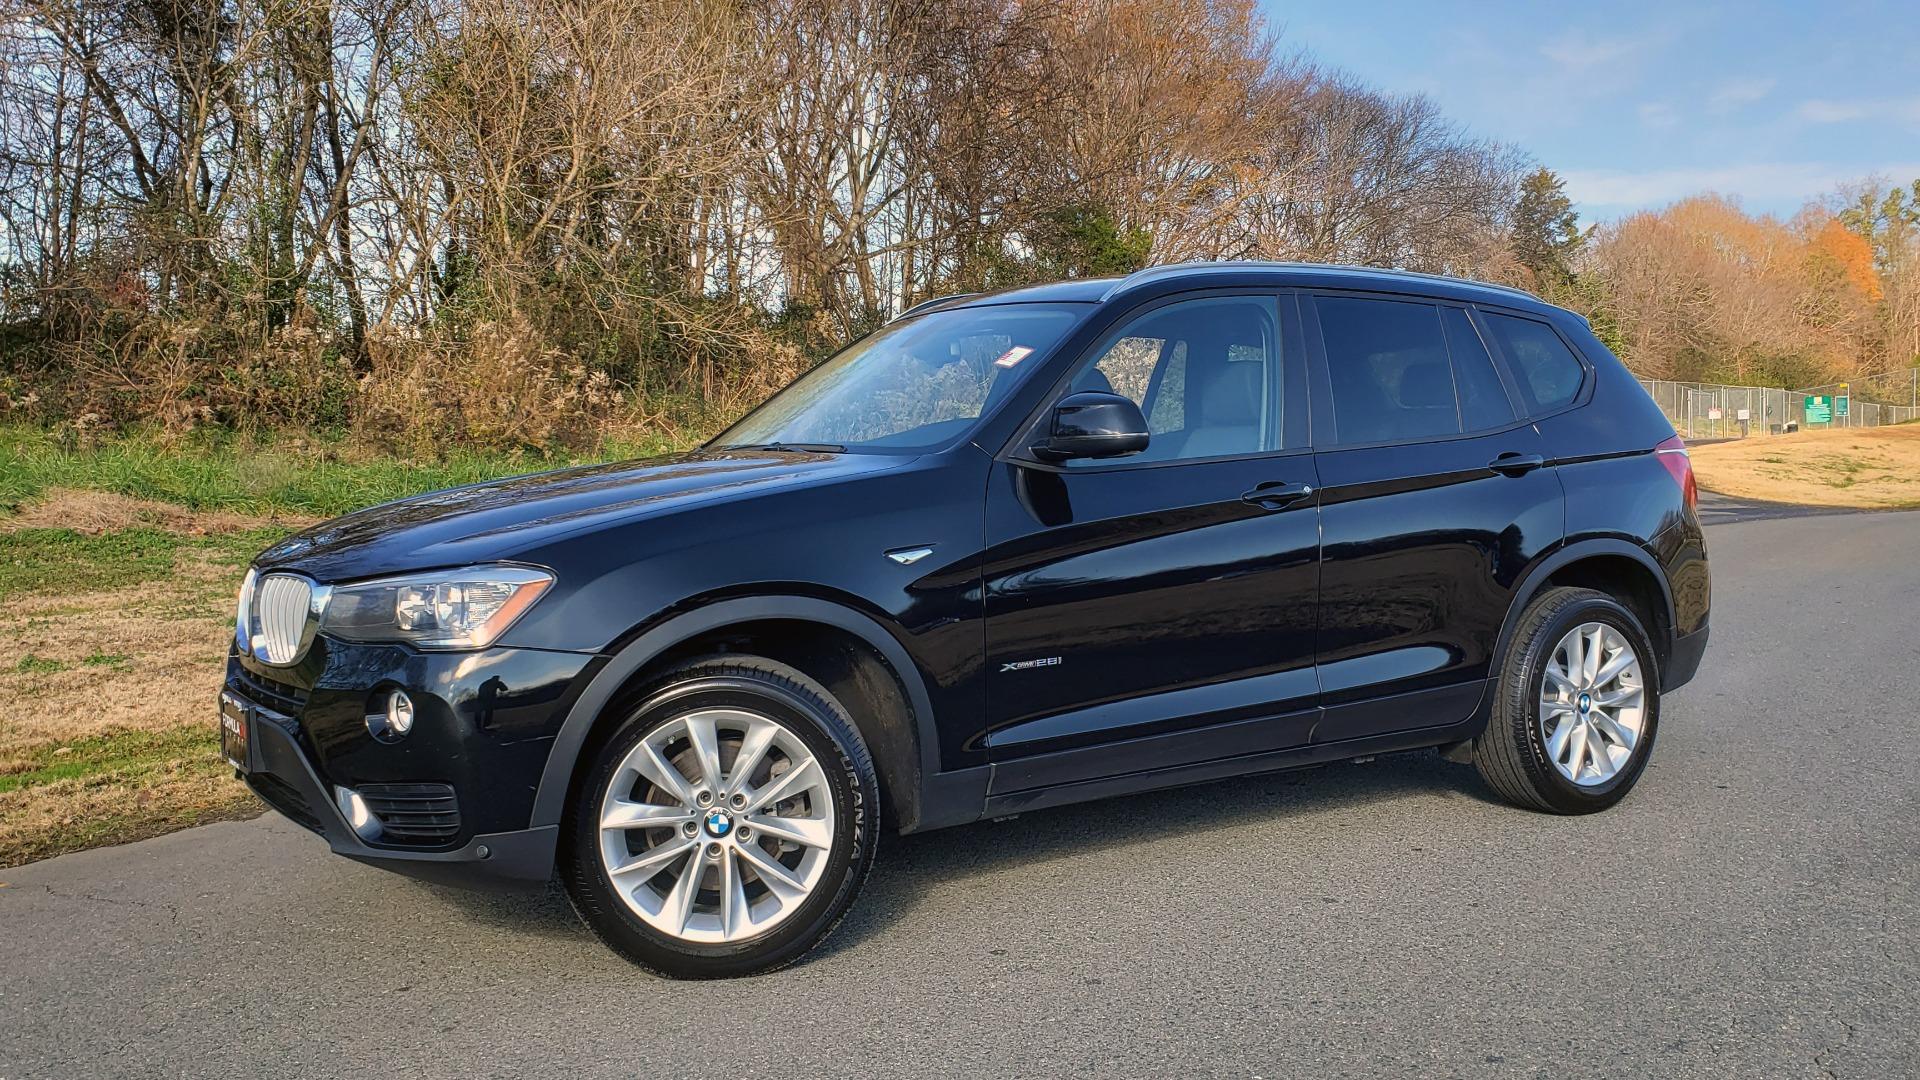 Used 2017 BMW X3 XDRIVE28I / PREM PKG / NAV / DRVR ASST / HTD STS / CAMERAS for sale Sold at Formula Imports in Charlotte NC 28227 2